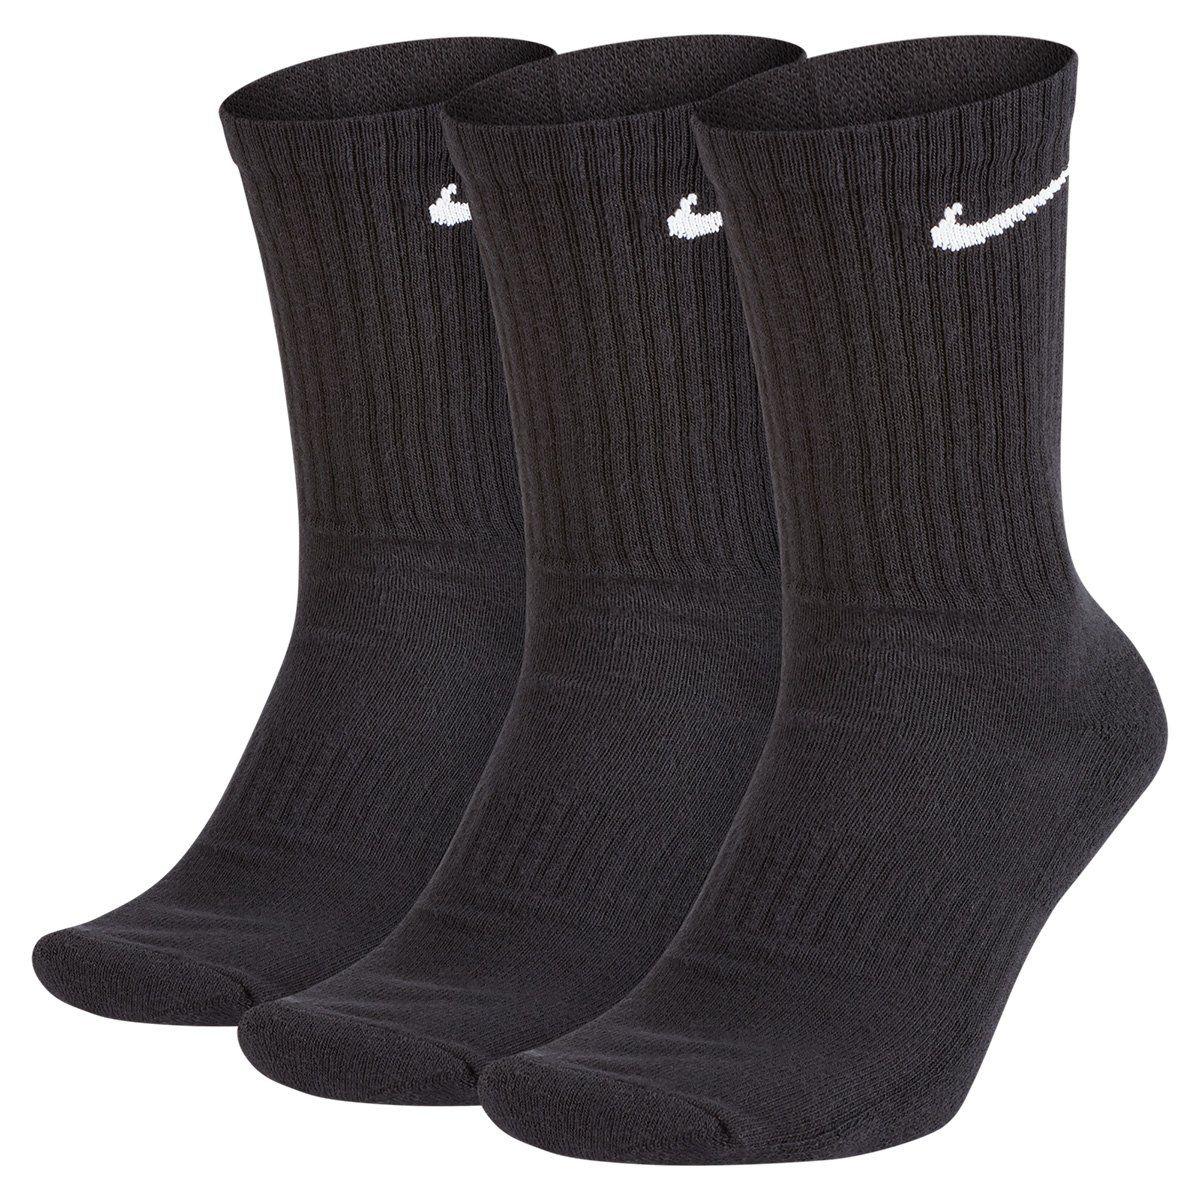 Meia Nike Cano Alto Cushion Crew Preta Com 03 Pares - 39 ao 43